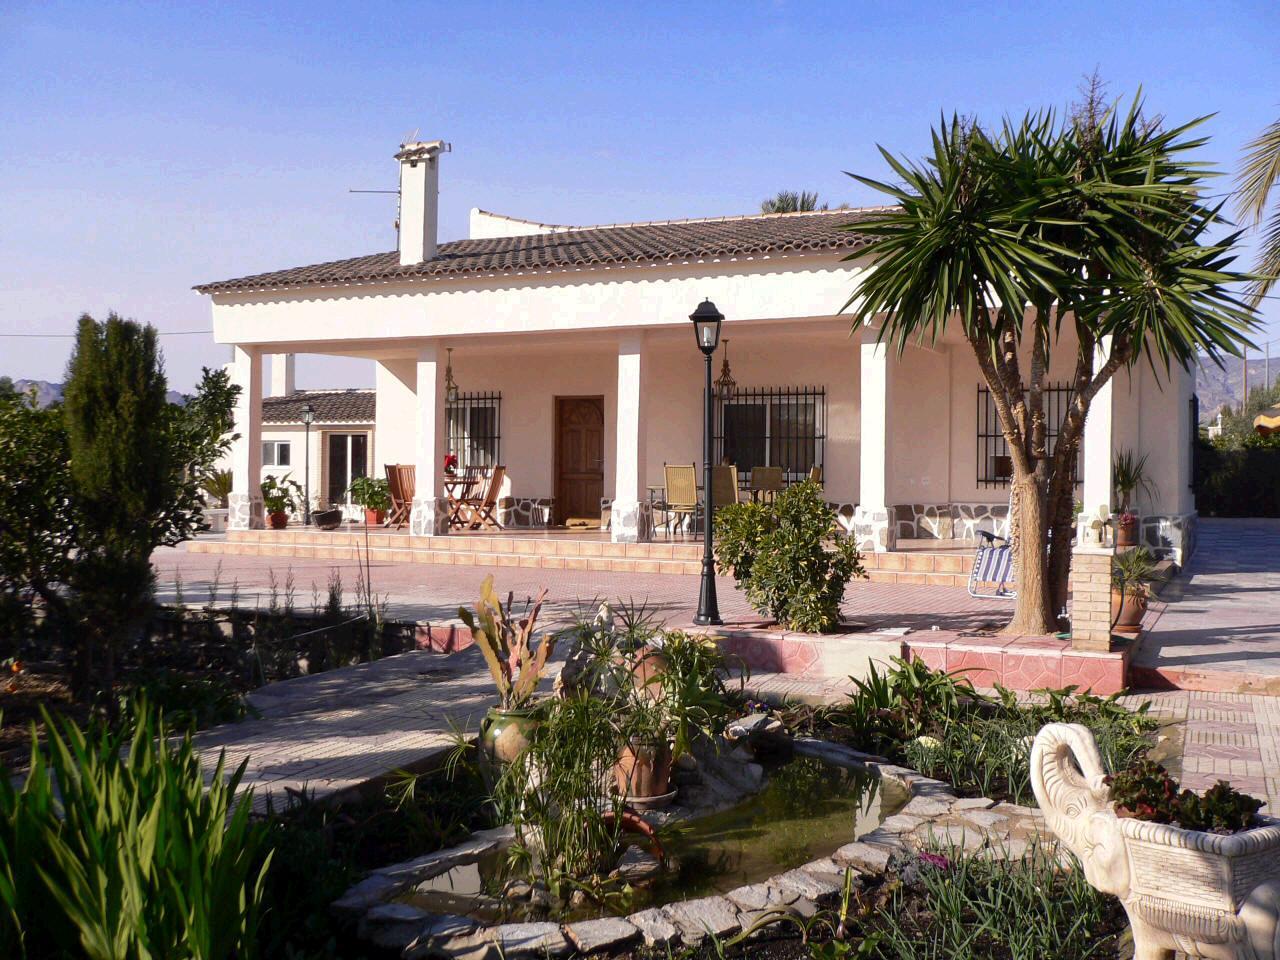 Casas rurales y hoteles con encanto en mi casa rural - Hoteles y casas rurales con encanto ...